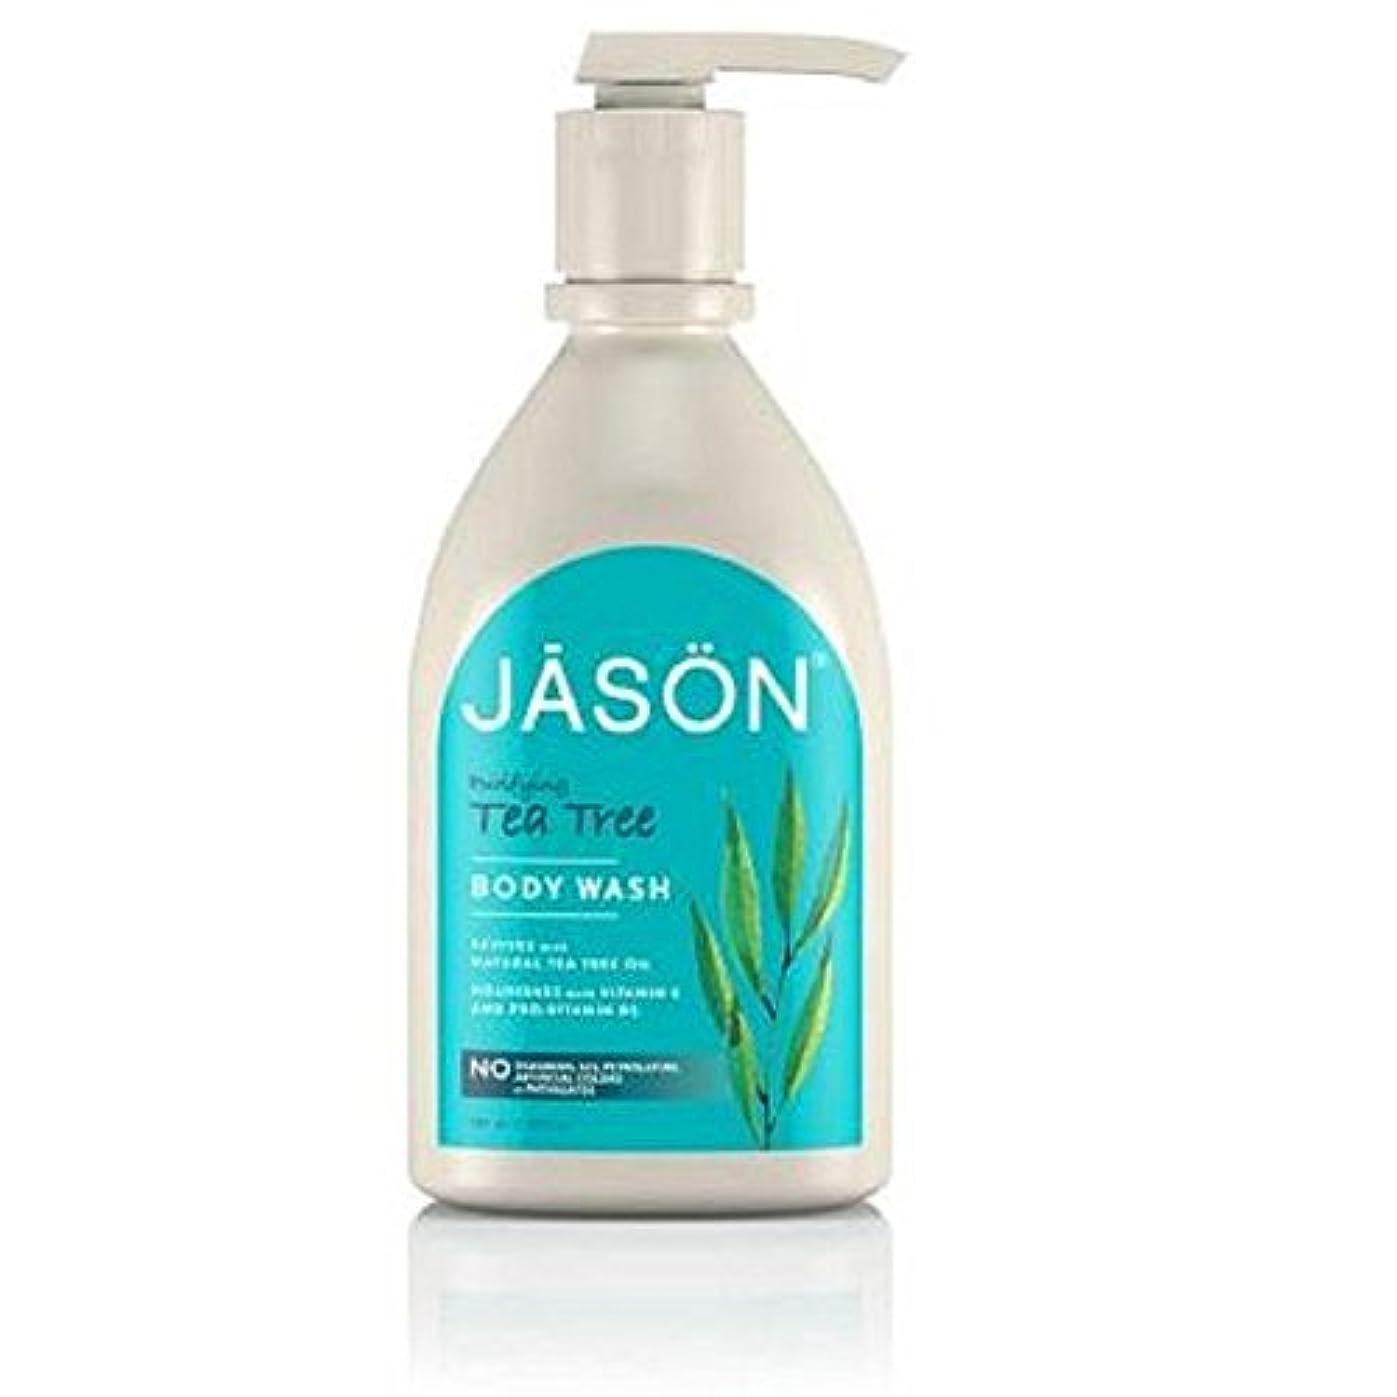 クリックウィンクグッゲンハイム美術館ジェイソン?ティーツリーサテンボディウォッシュポンプ900ミリリットル x4 - Jason Tea Tree Satin Body Wash Pump 900ml (Pack of 4) [並行輸入品]